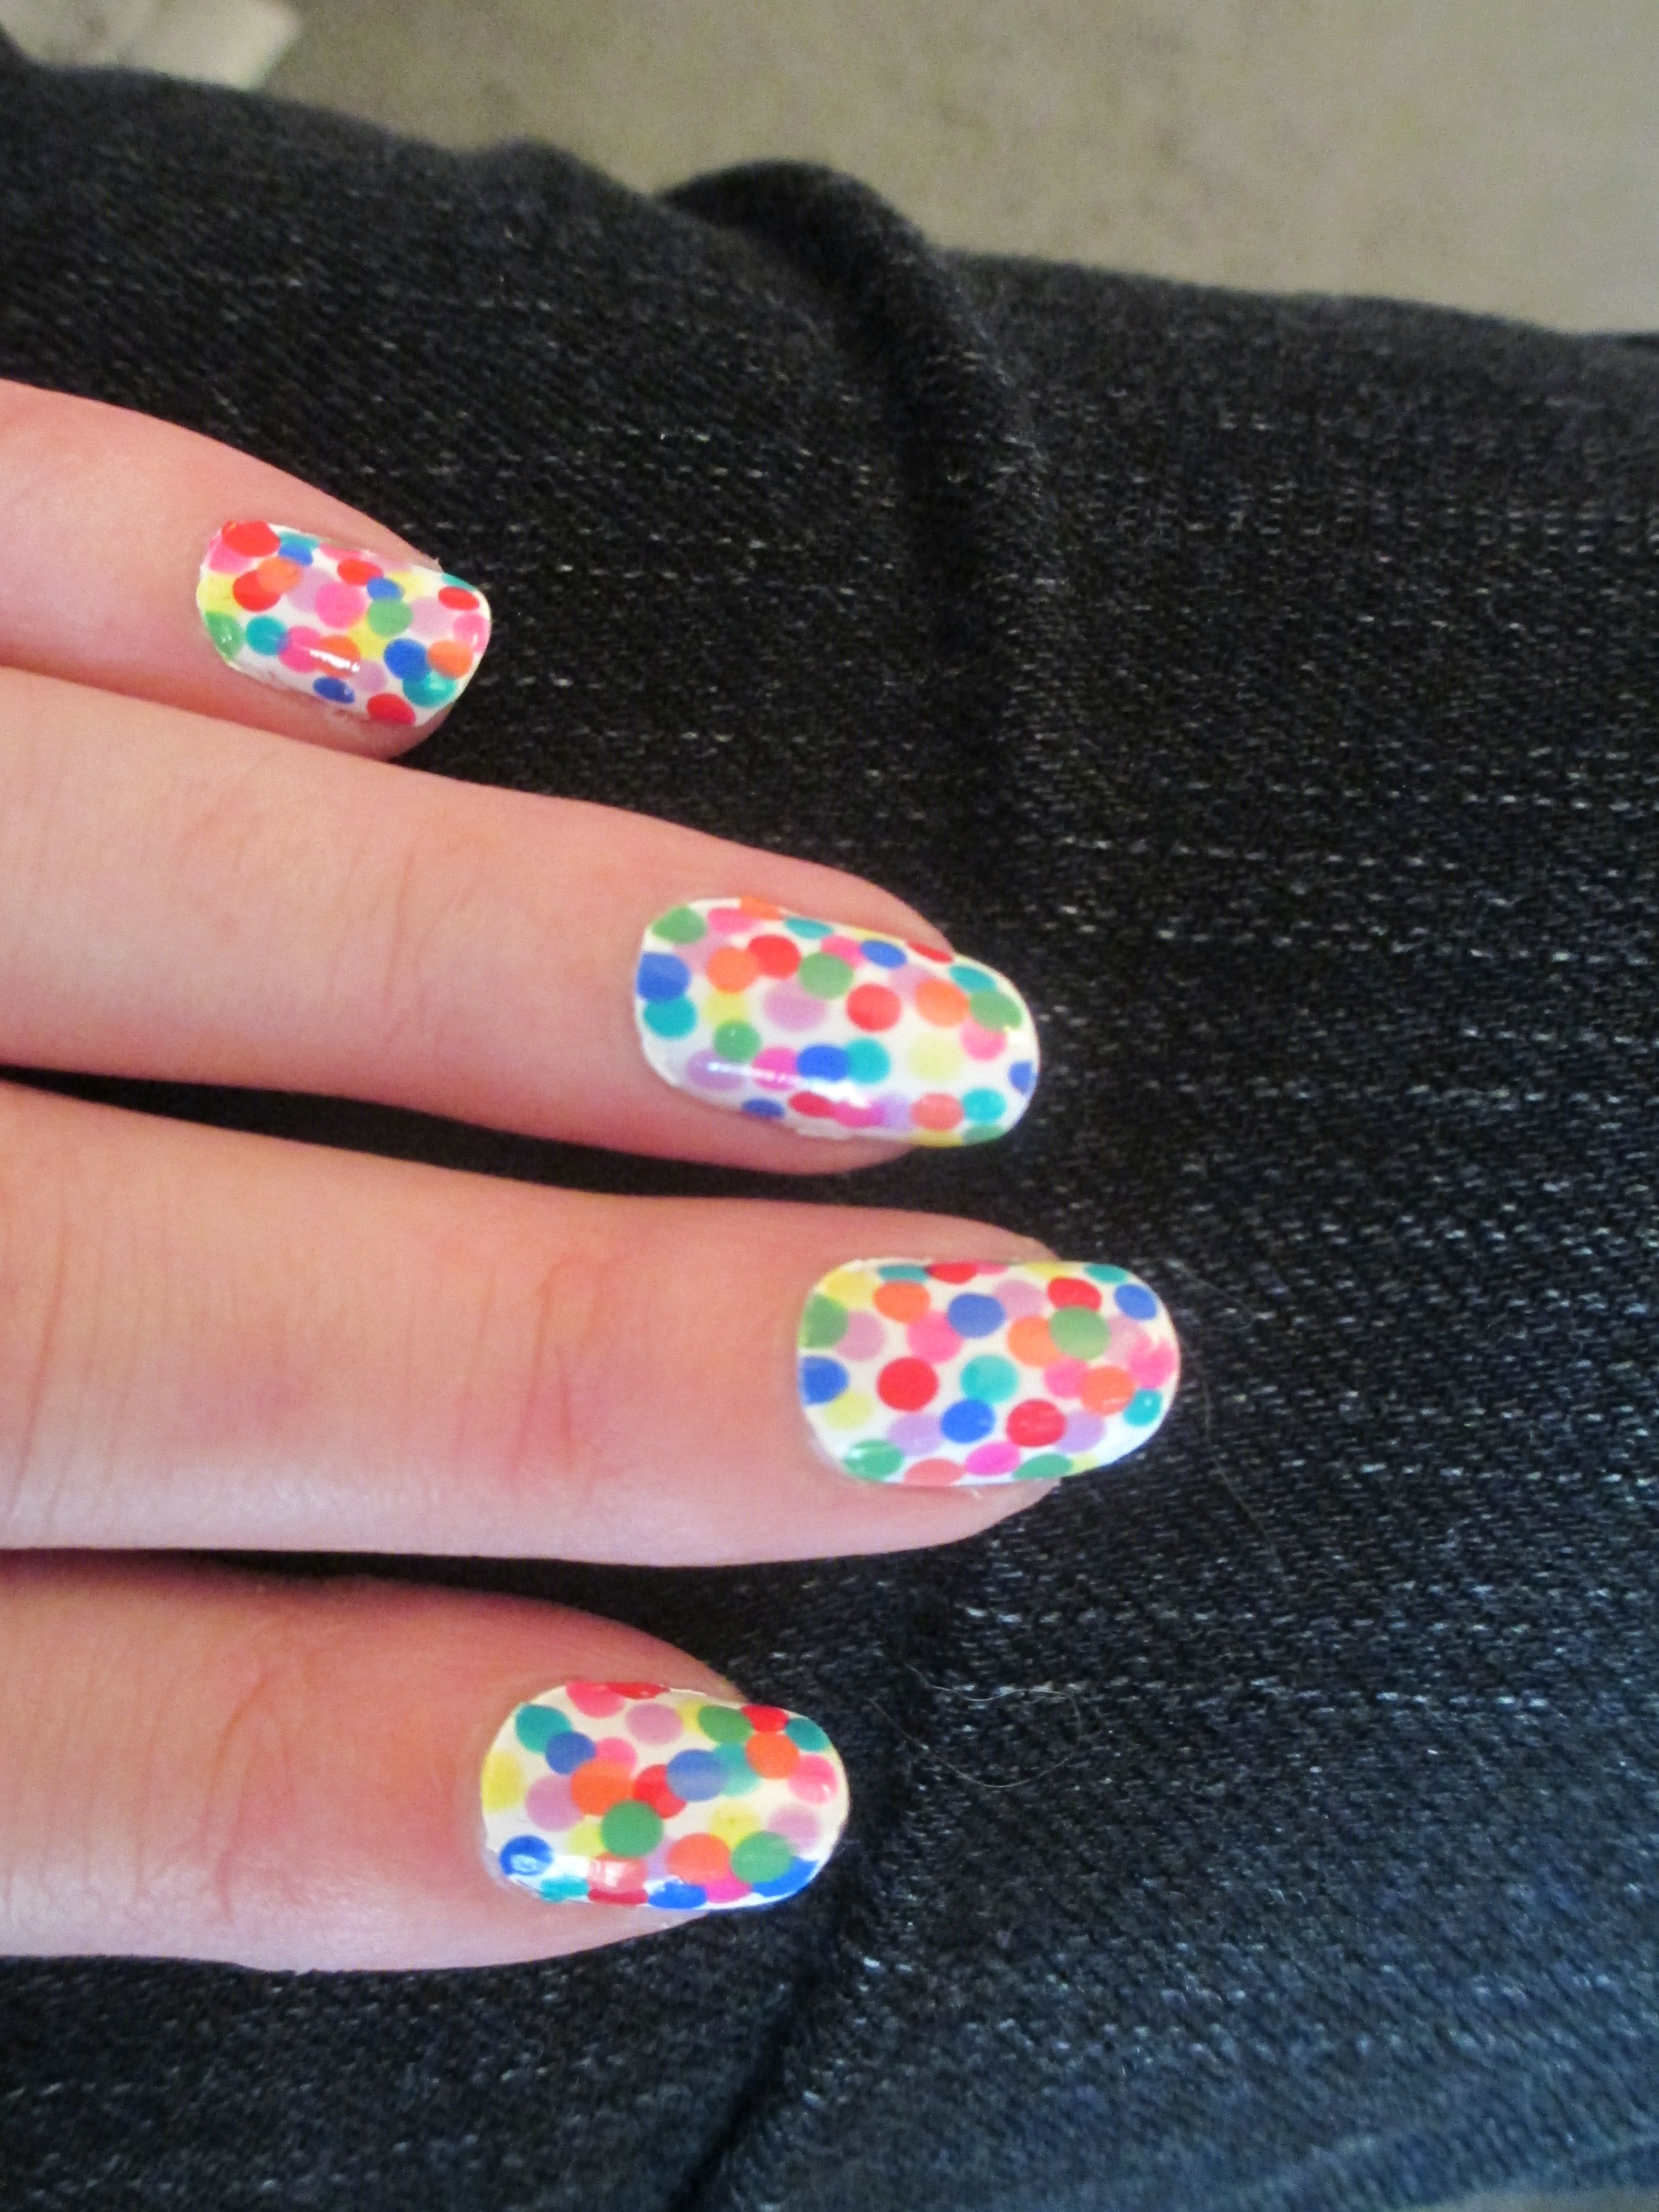 Polka dots!  (Apr. 20, 2013)